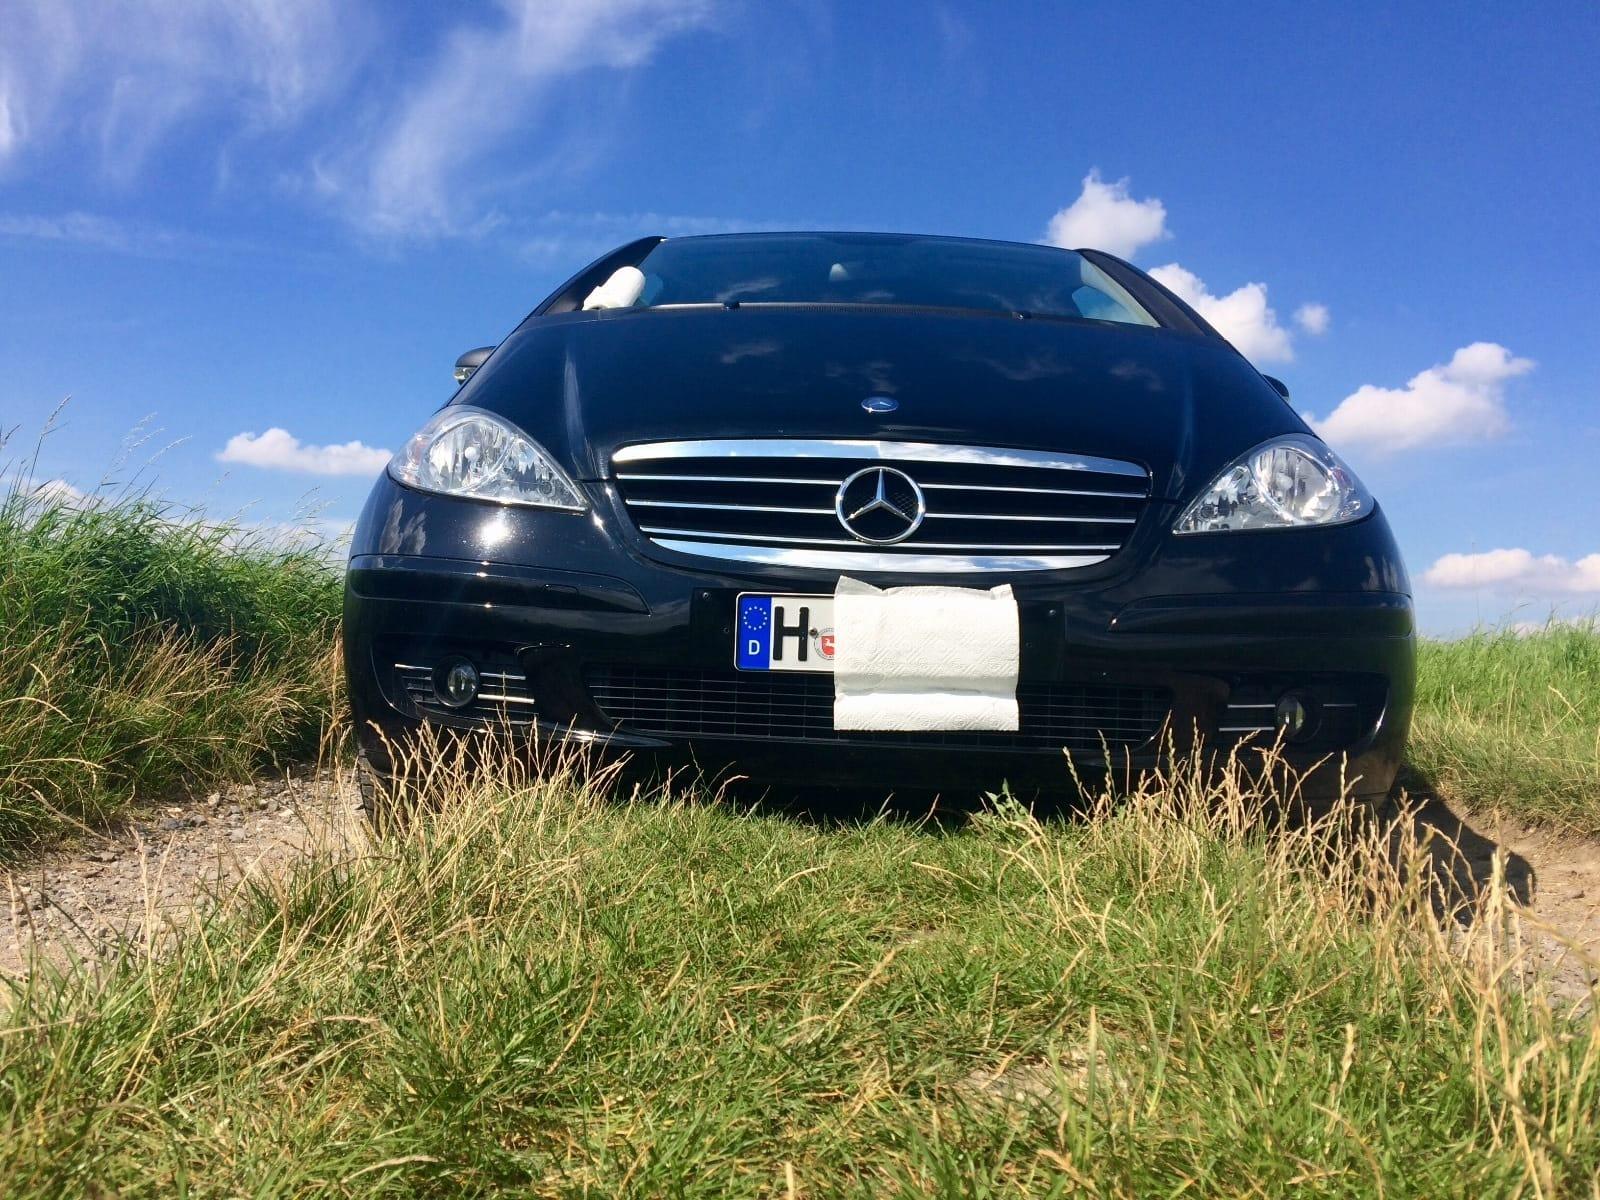 Mercedes A Klasse Benz A150 Foto Vergrößern D 30165 Hannover